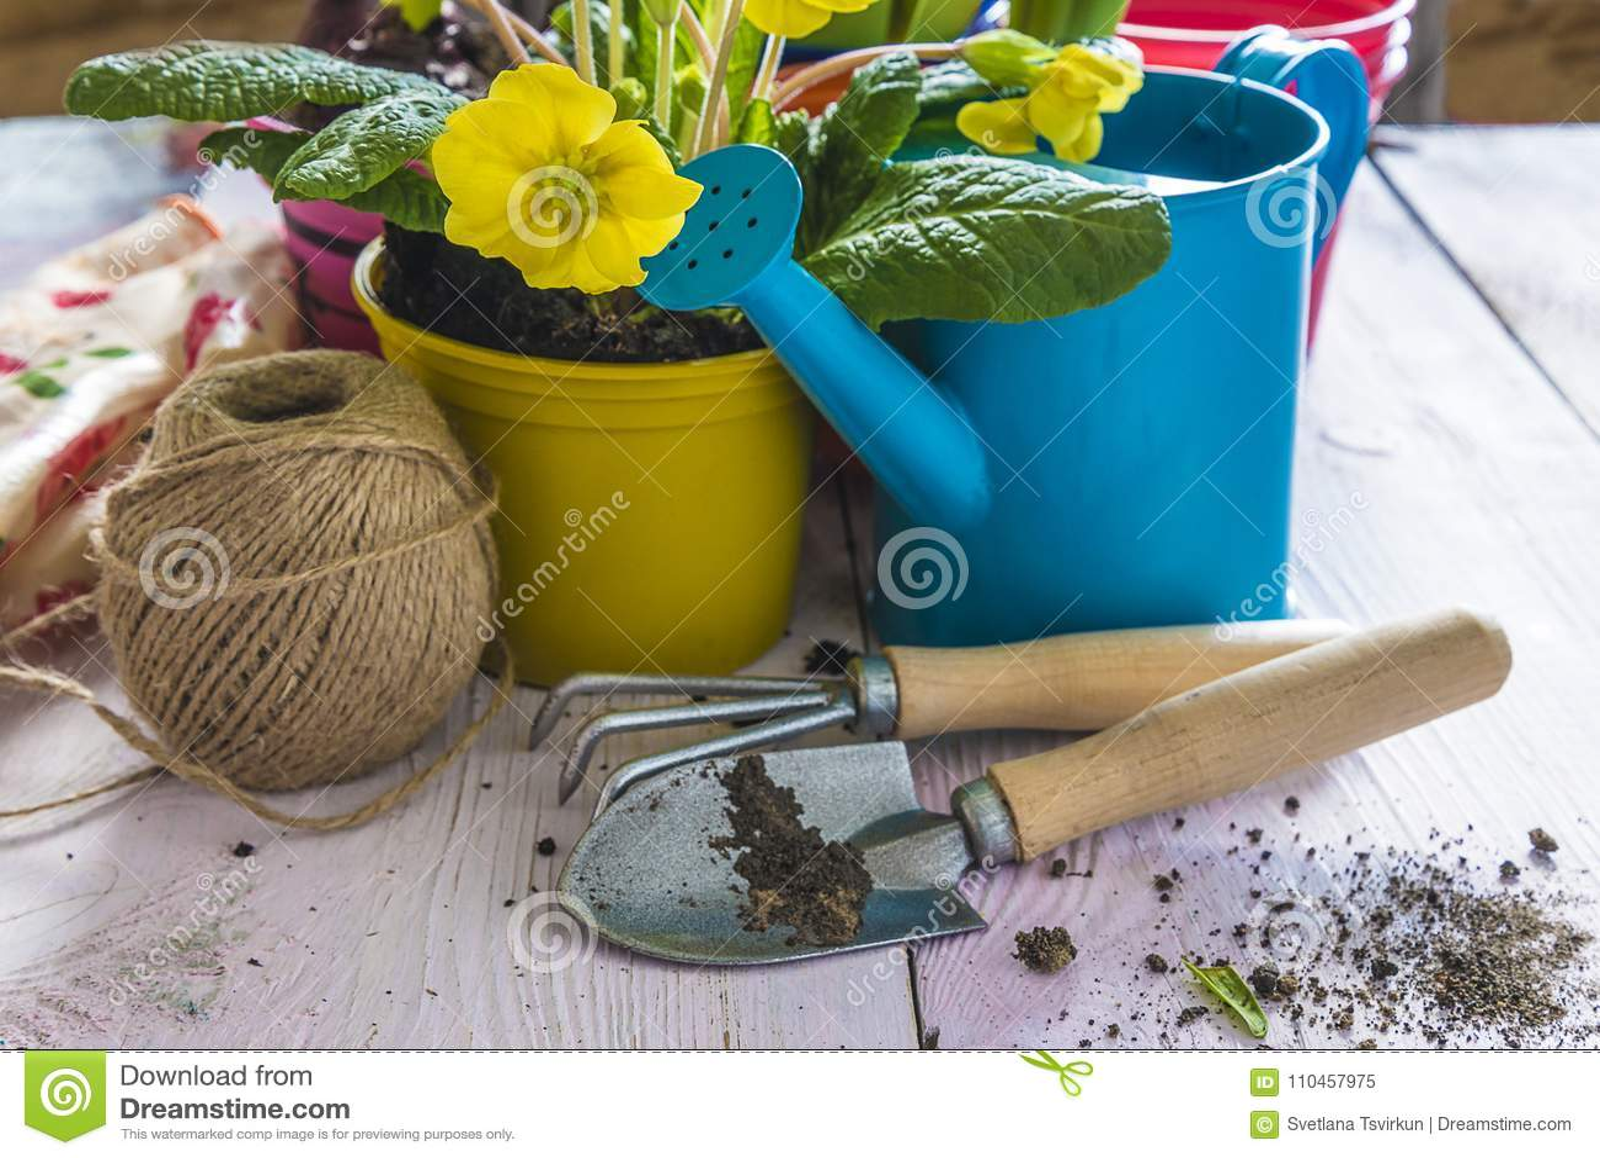 Vår som arbeta i trädgården sammansättning med gula blommor i gul kruka,